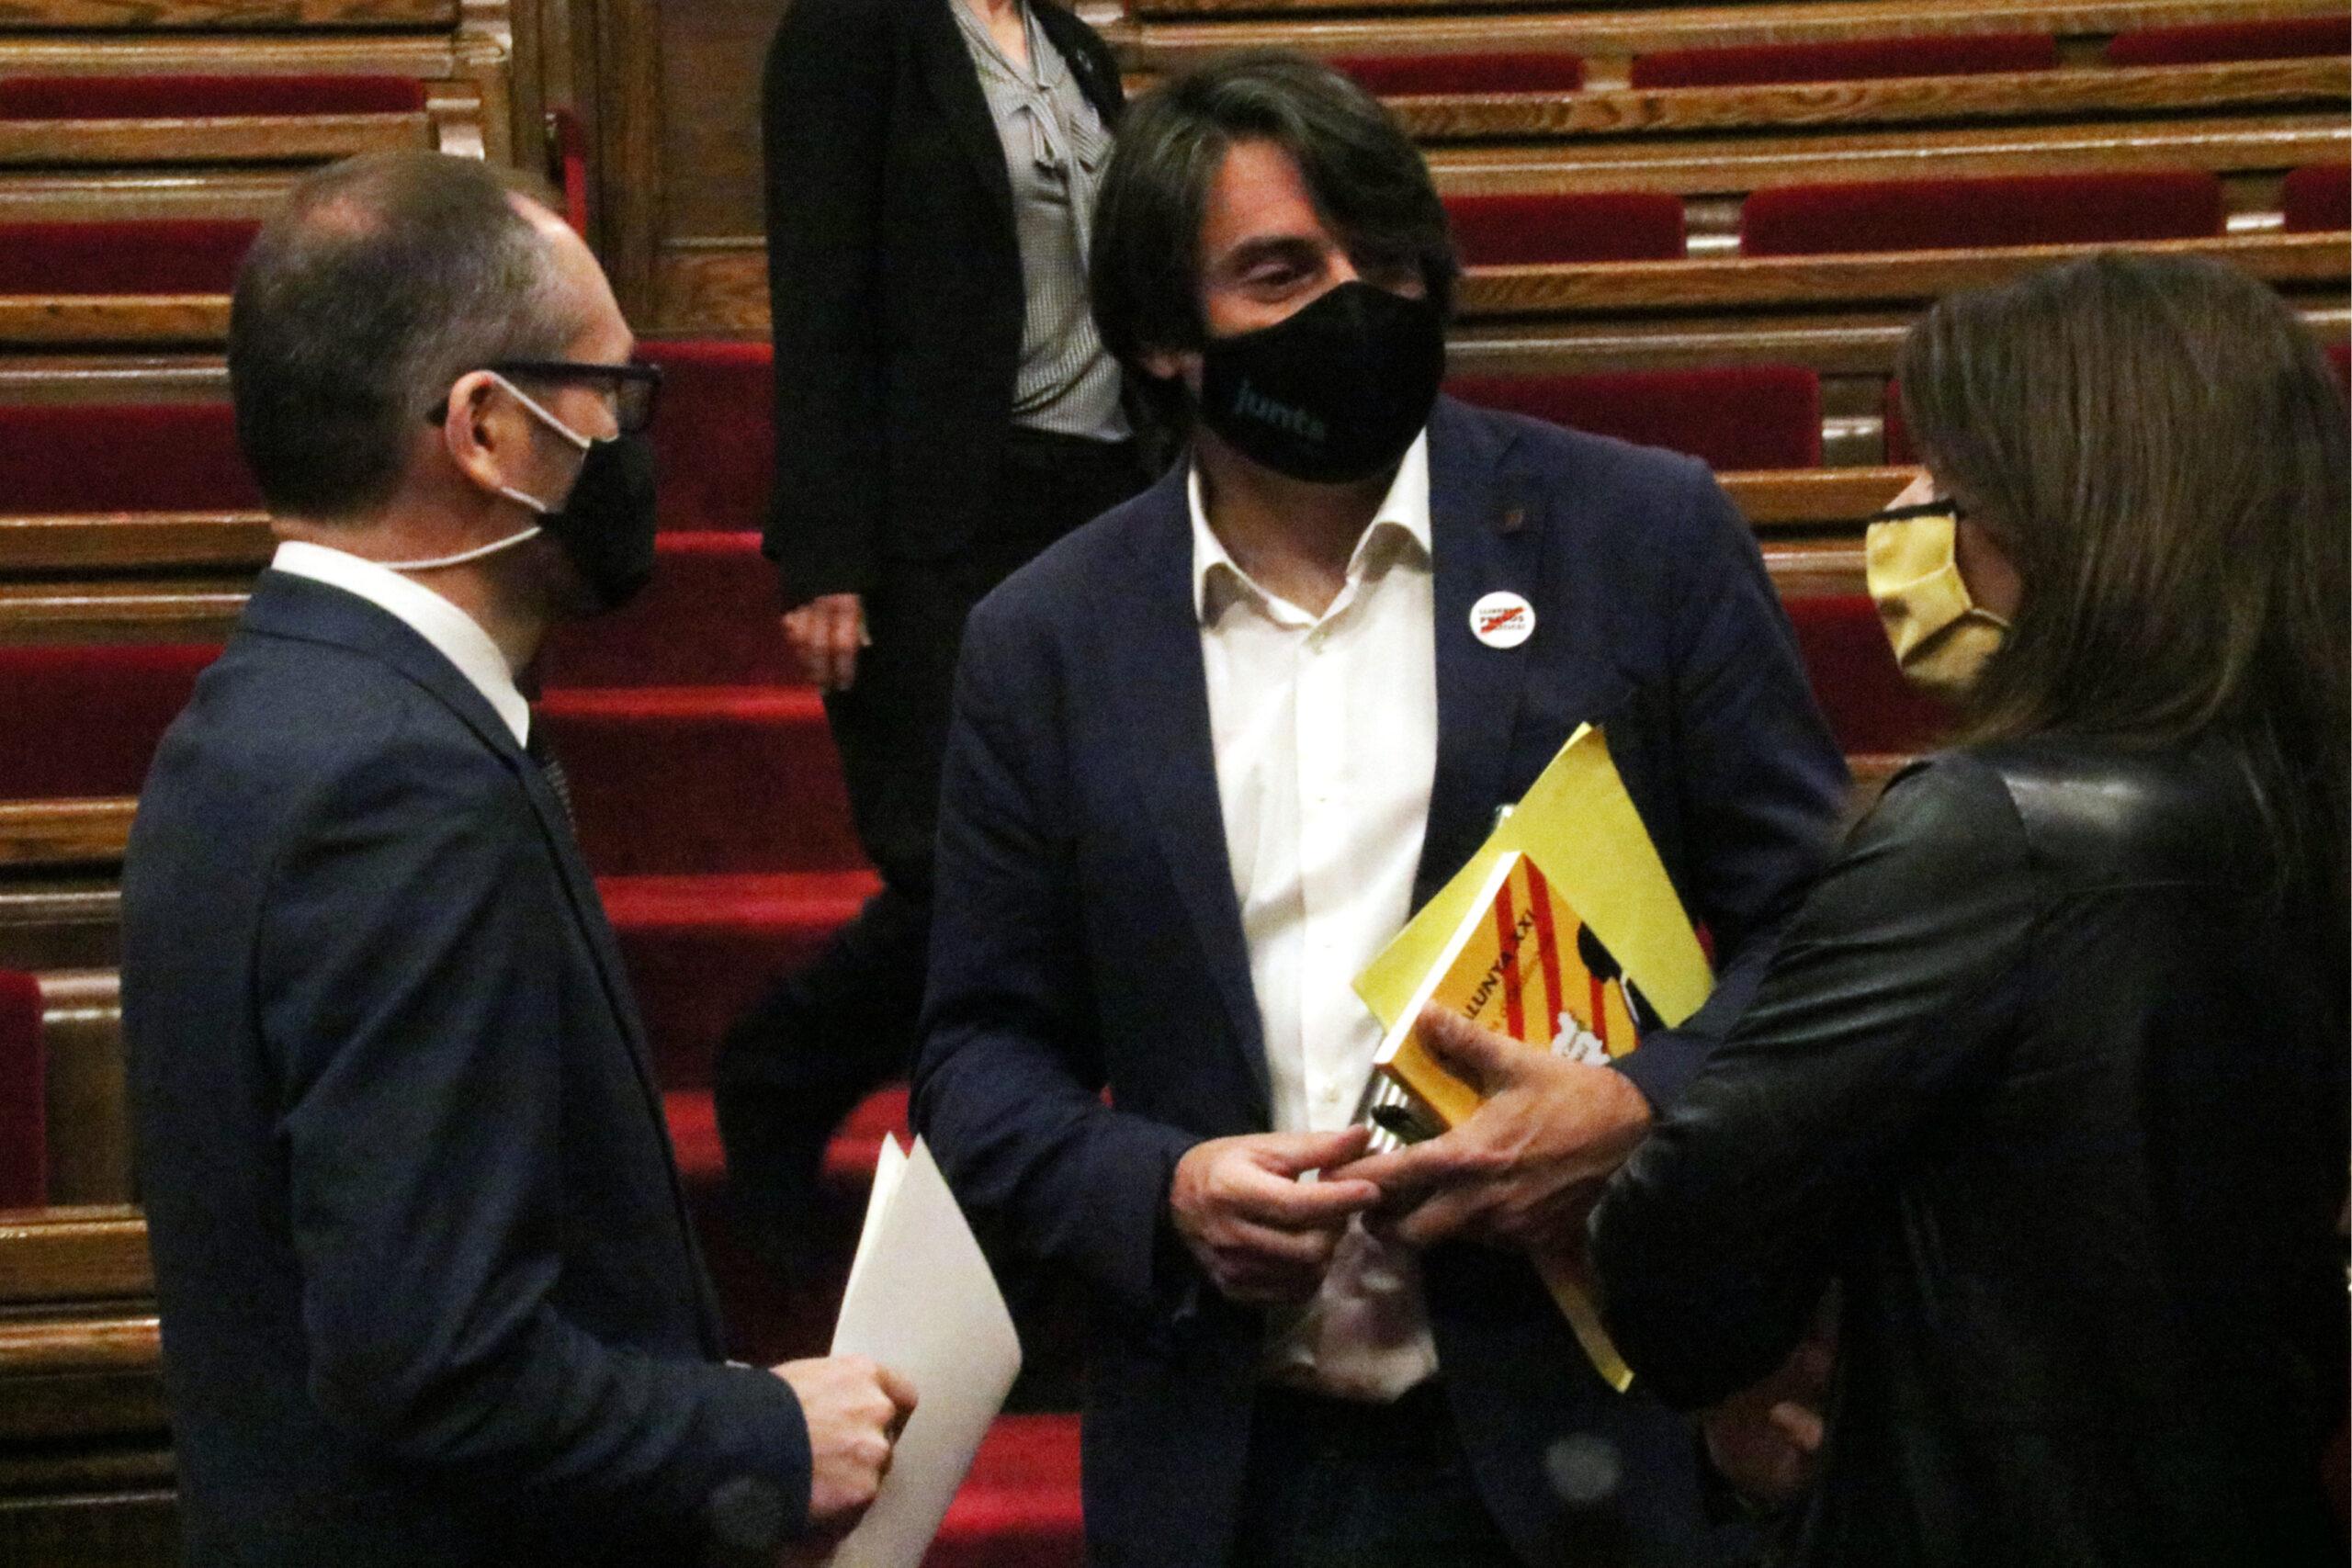 Francesc de Dalmases, Josep Costa i Meritxell Budó (JxCat), en la sessió de la Diputació Permanent del Parlament | ACN